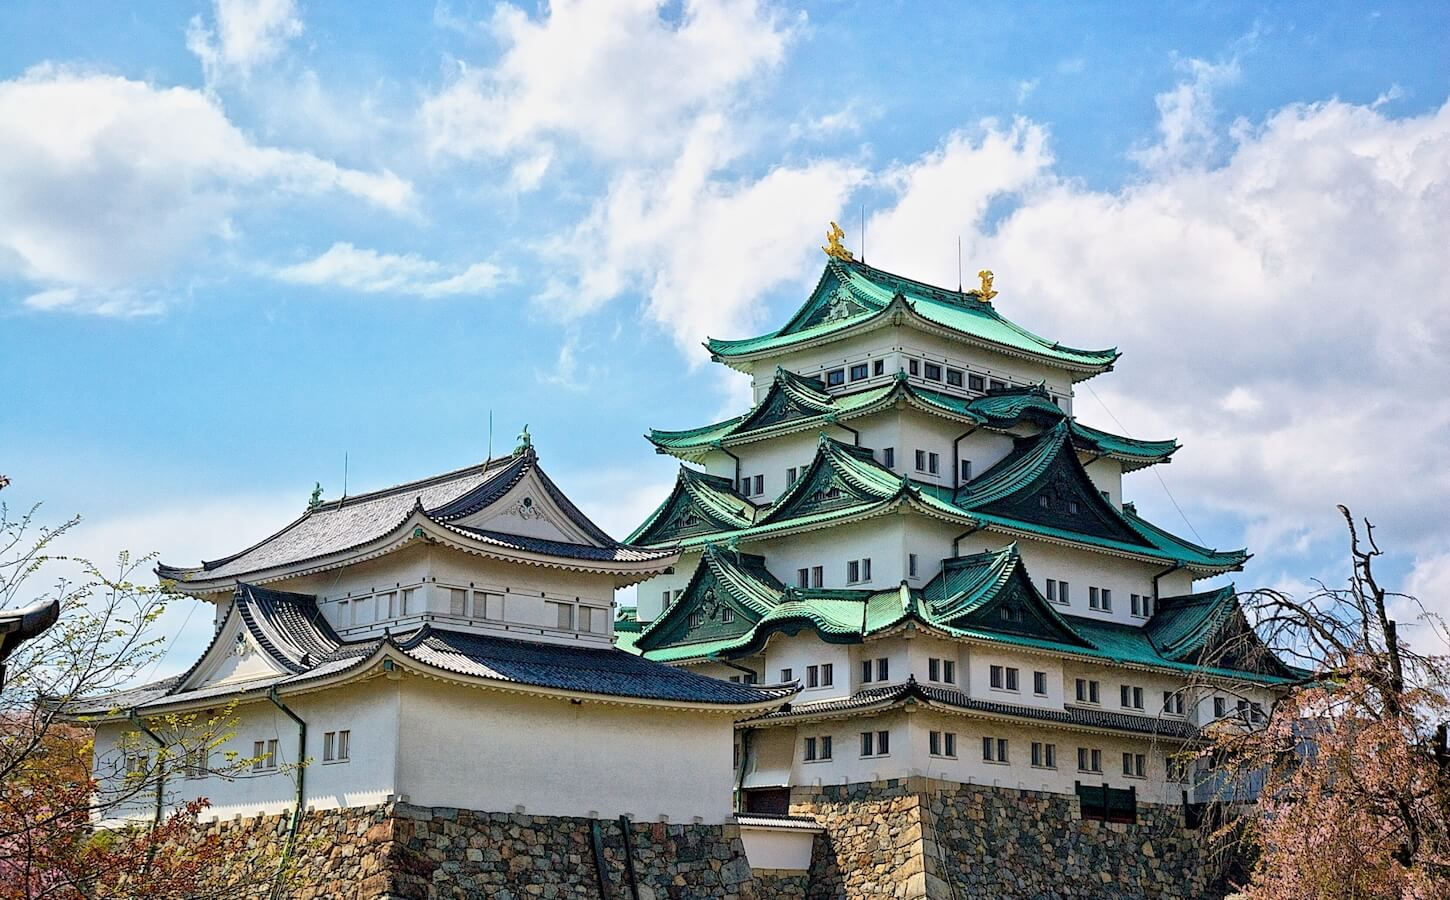 Nagoya Castle